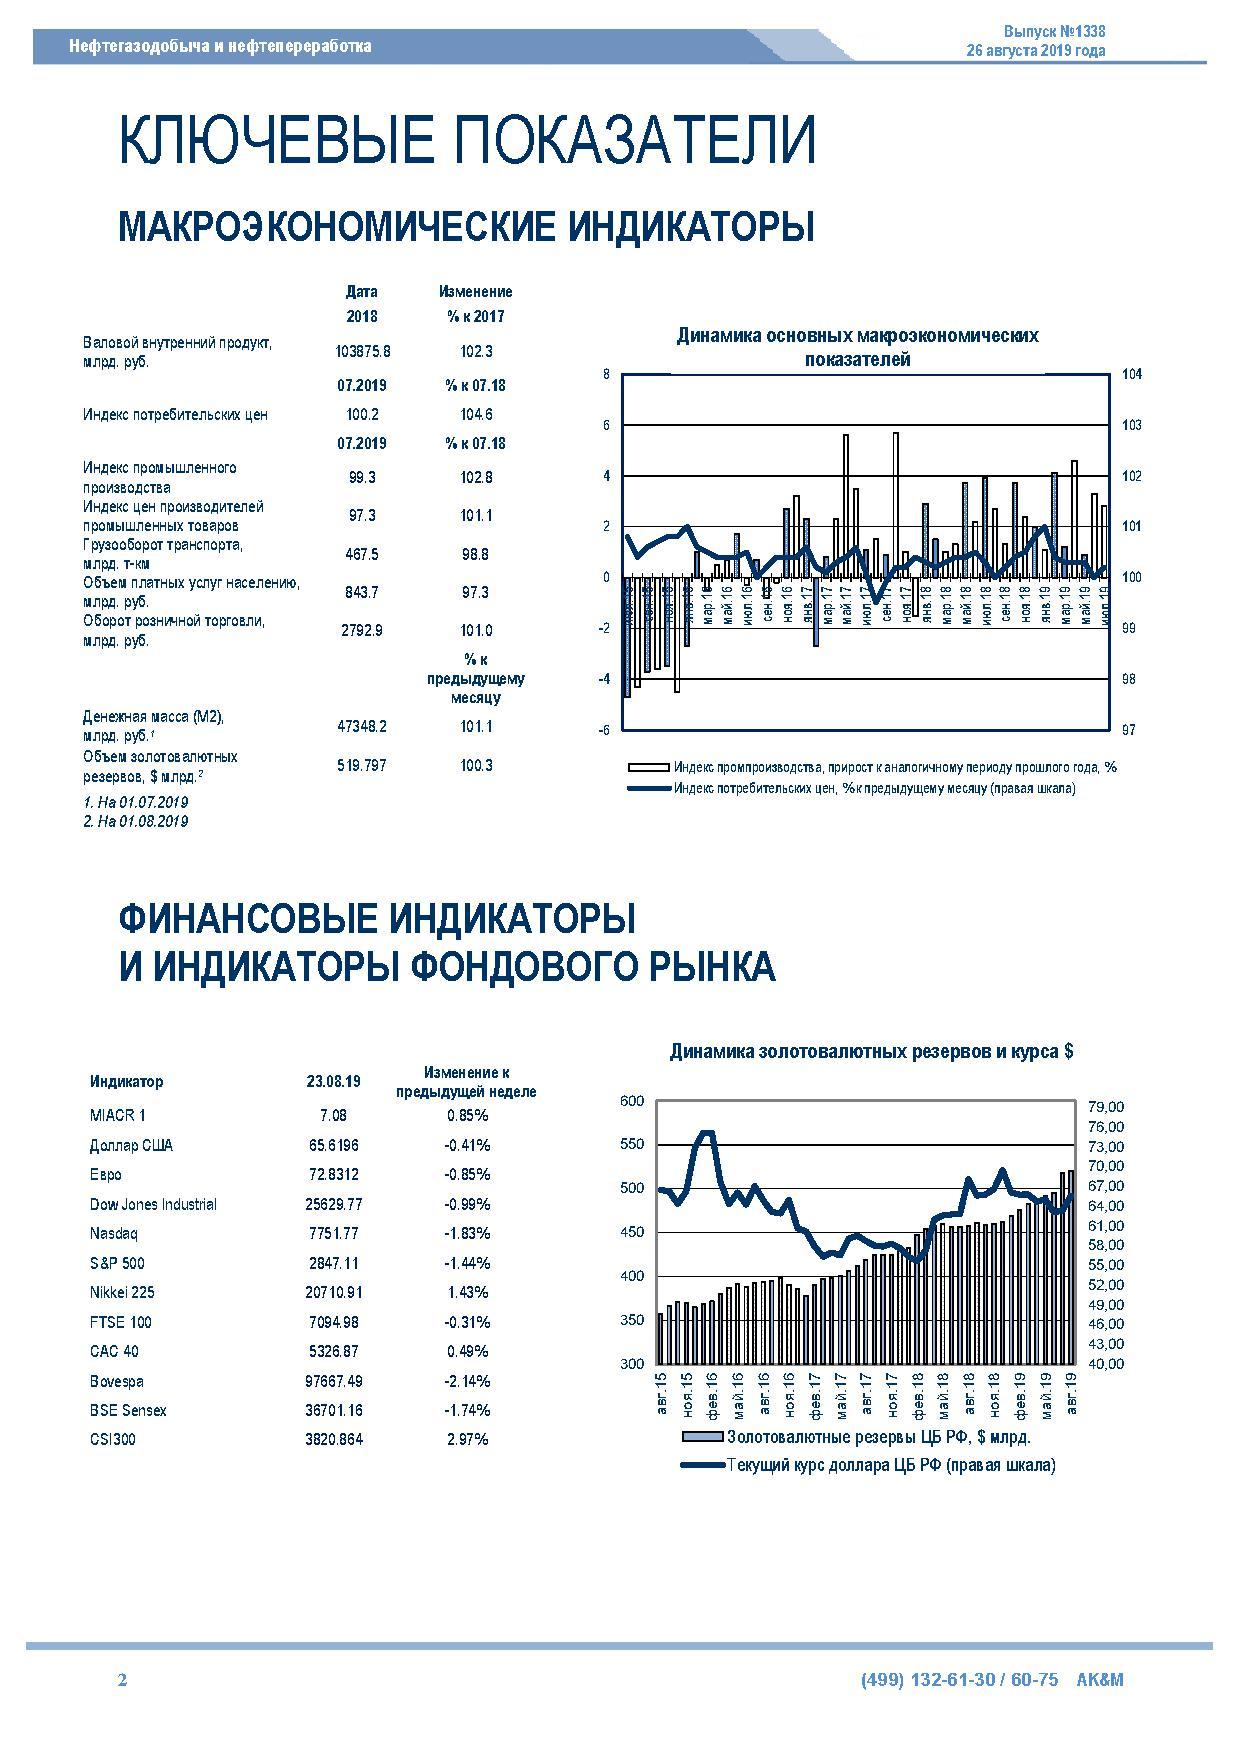 №1338 Нефтегазодобыча и нефтепереработка